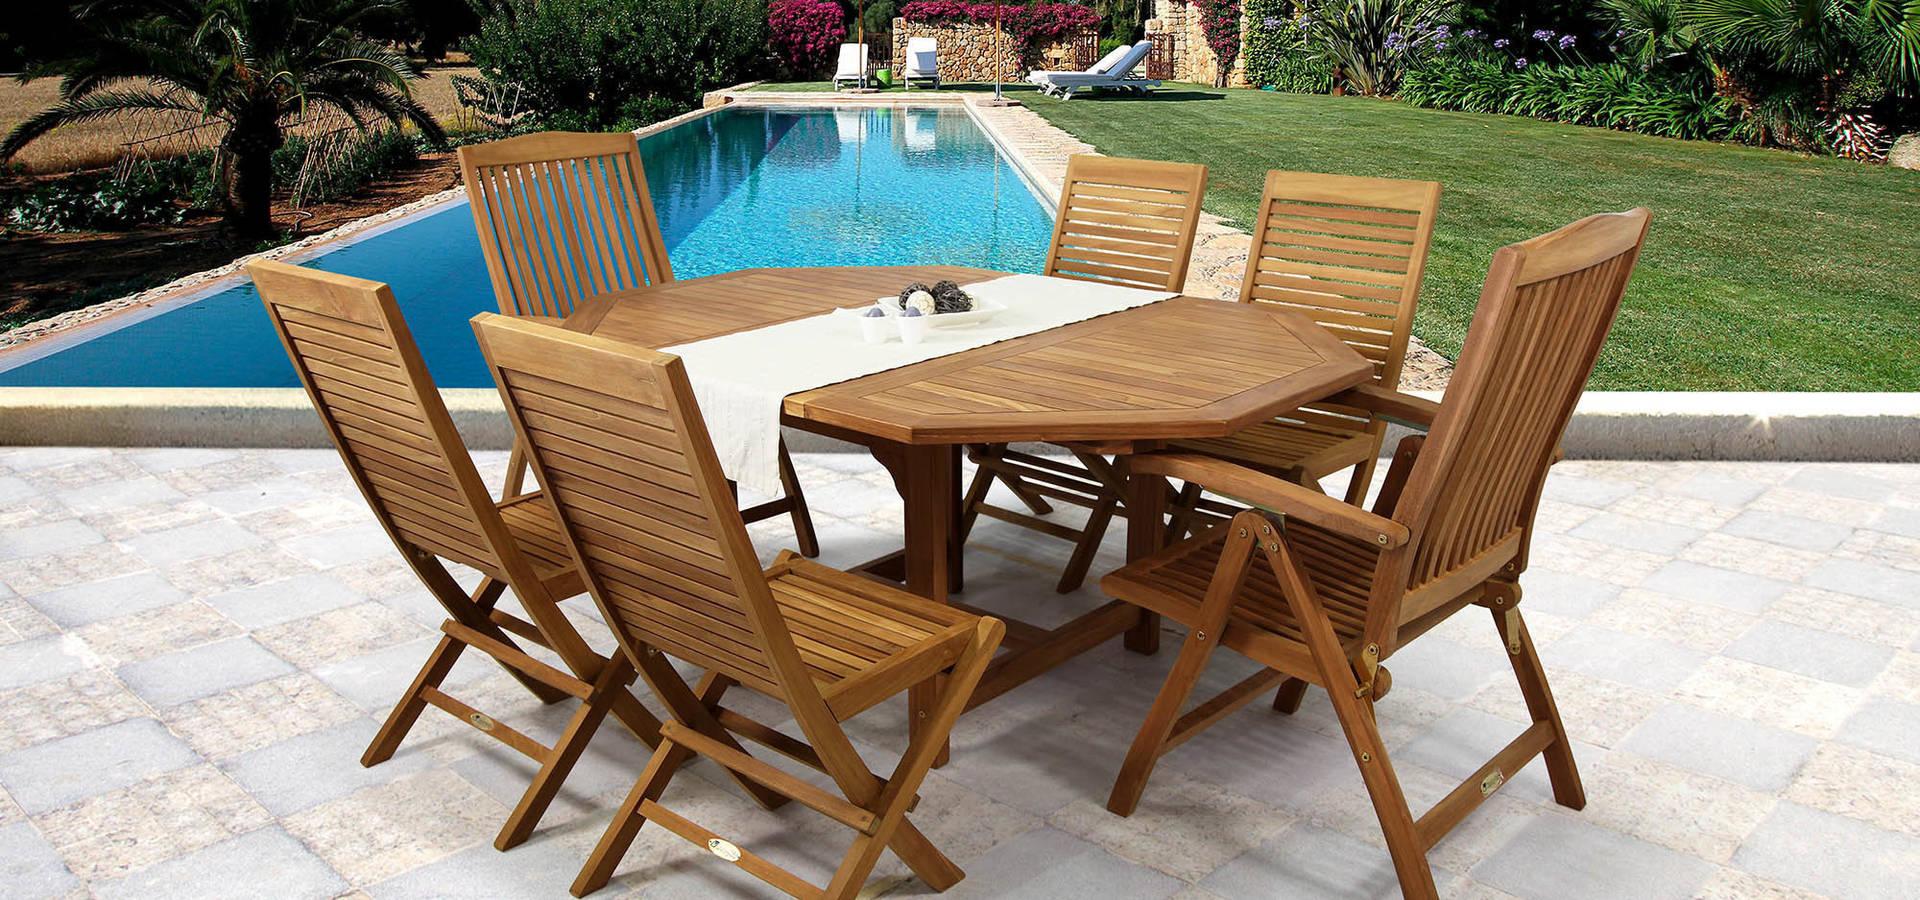 Muebles de teca de syd muebles de jardin homify - Muebles de teca ...